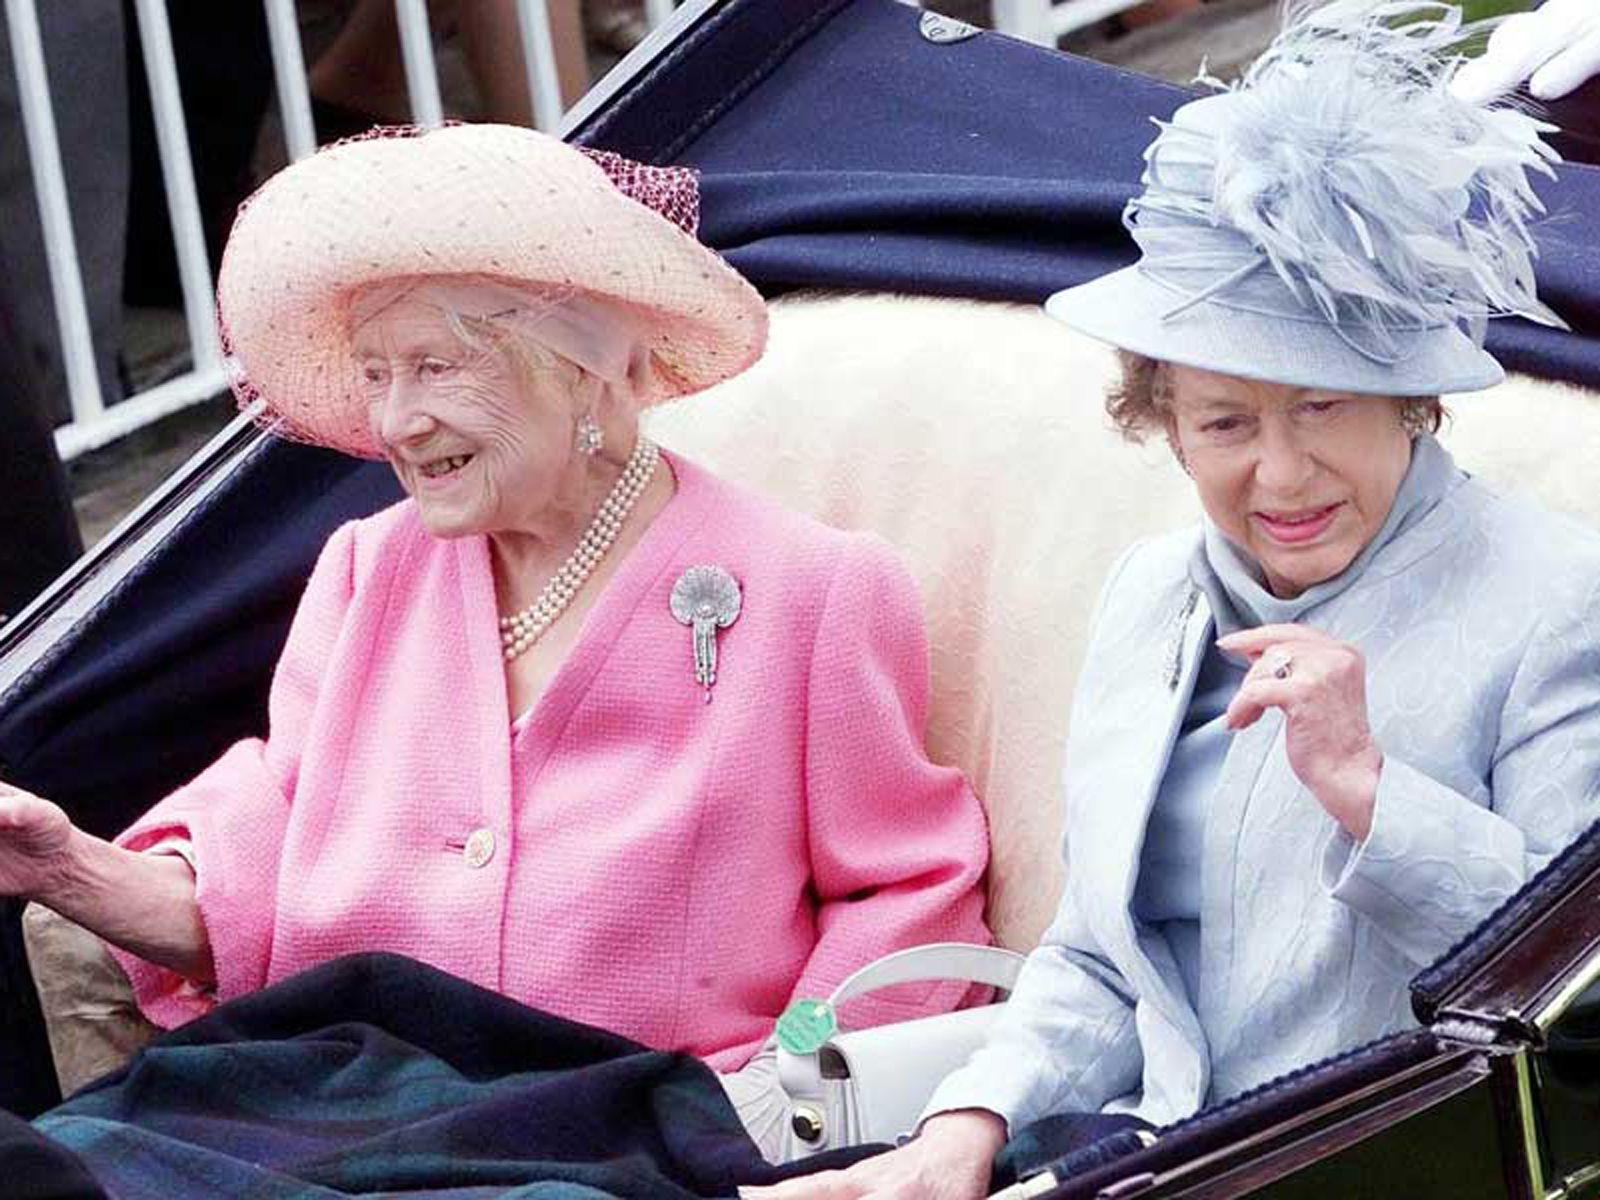 Queen Elizabeth Ii Life In Pictures Queen Elizabeth Parents Queen Elizabeth Princess Margaret [ 1200 x 1600 Pixel ]